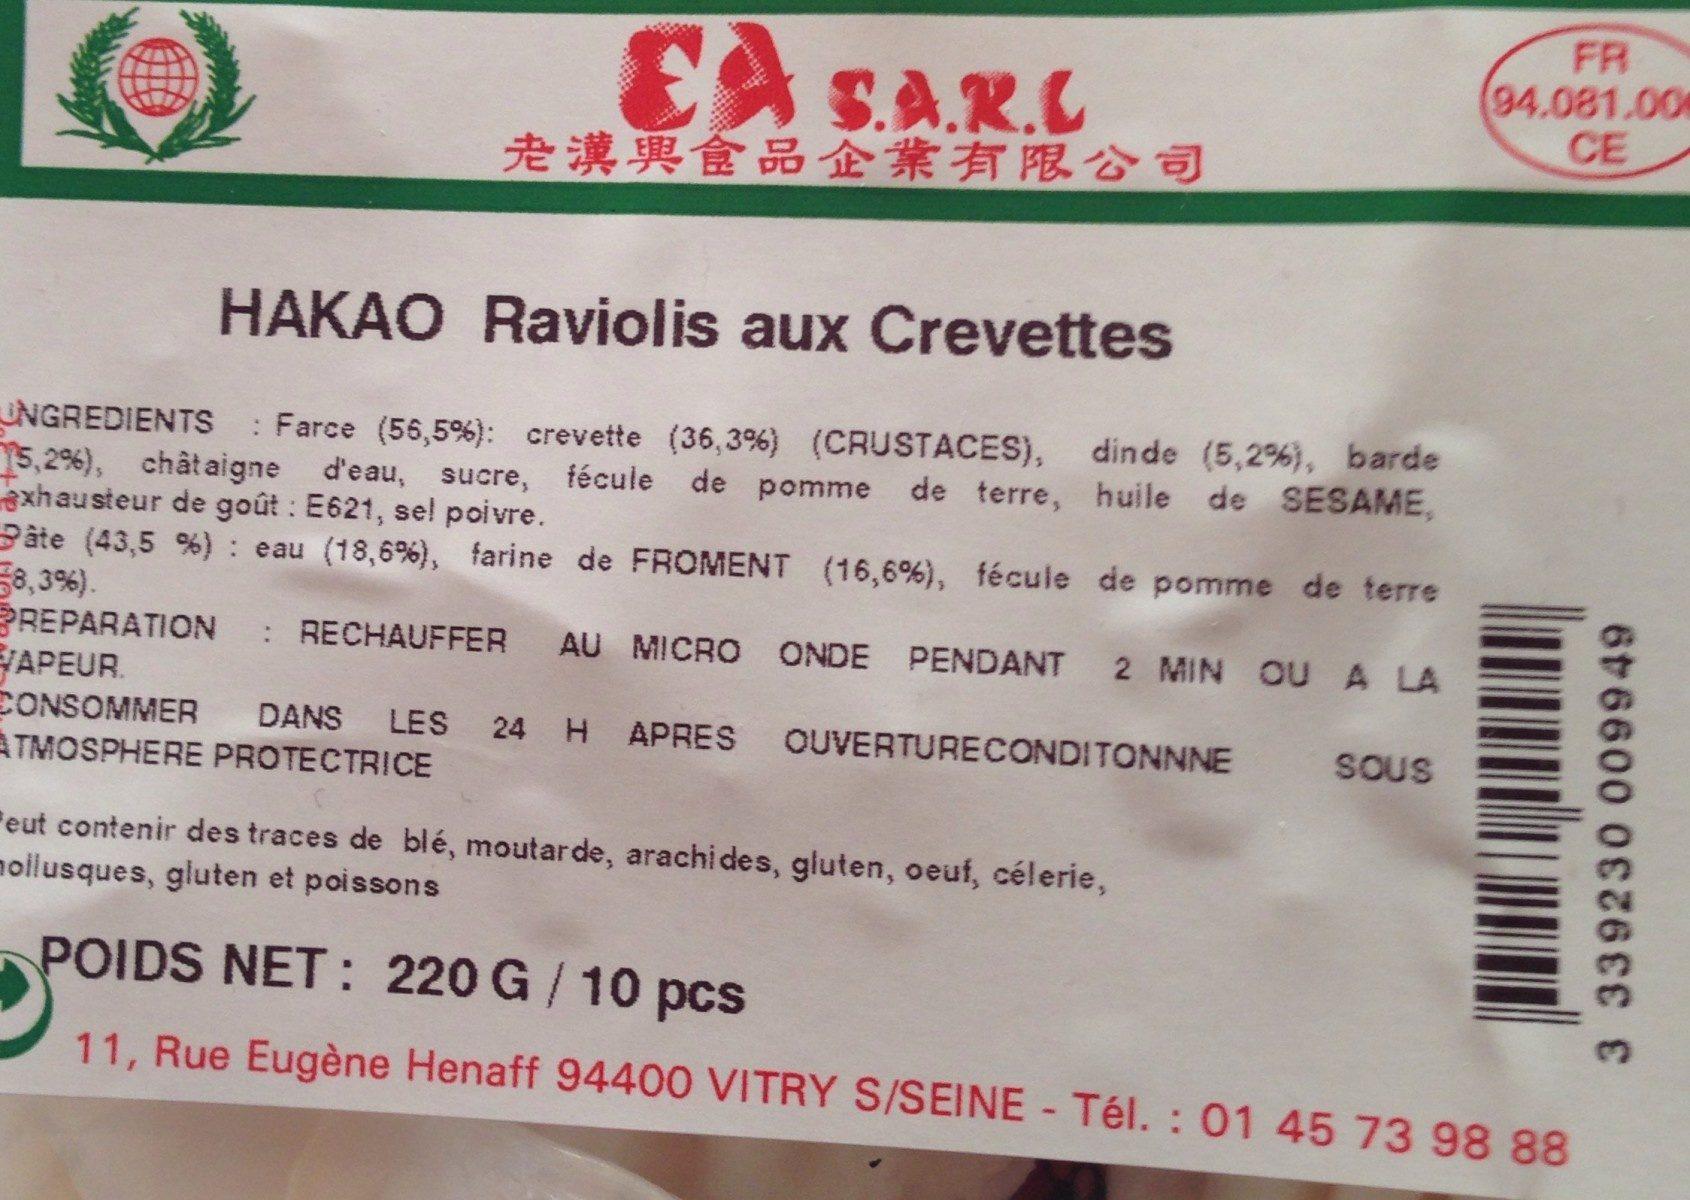 Hakao Raviolis aux crevettes - Product - fr